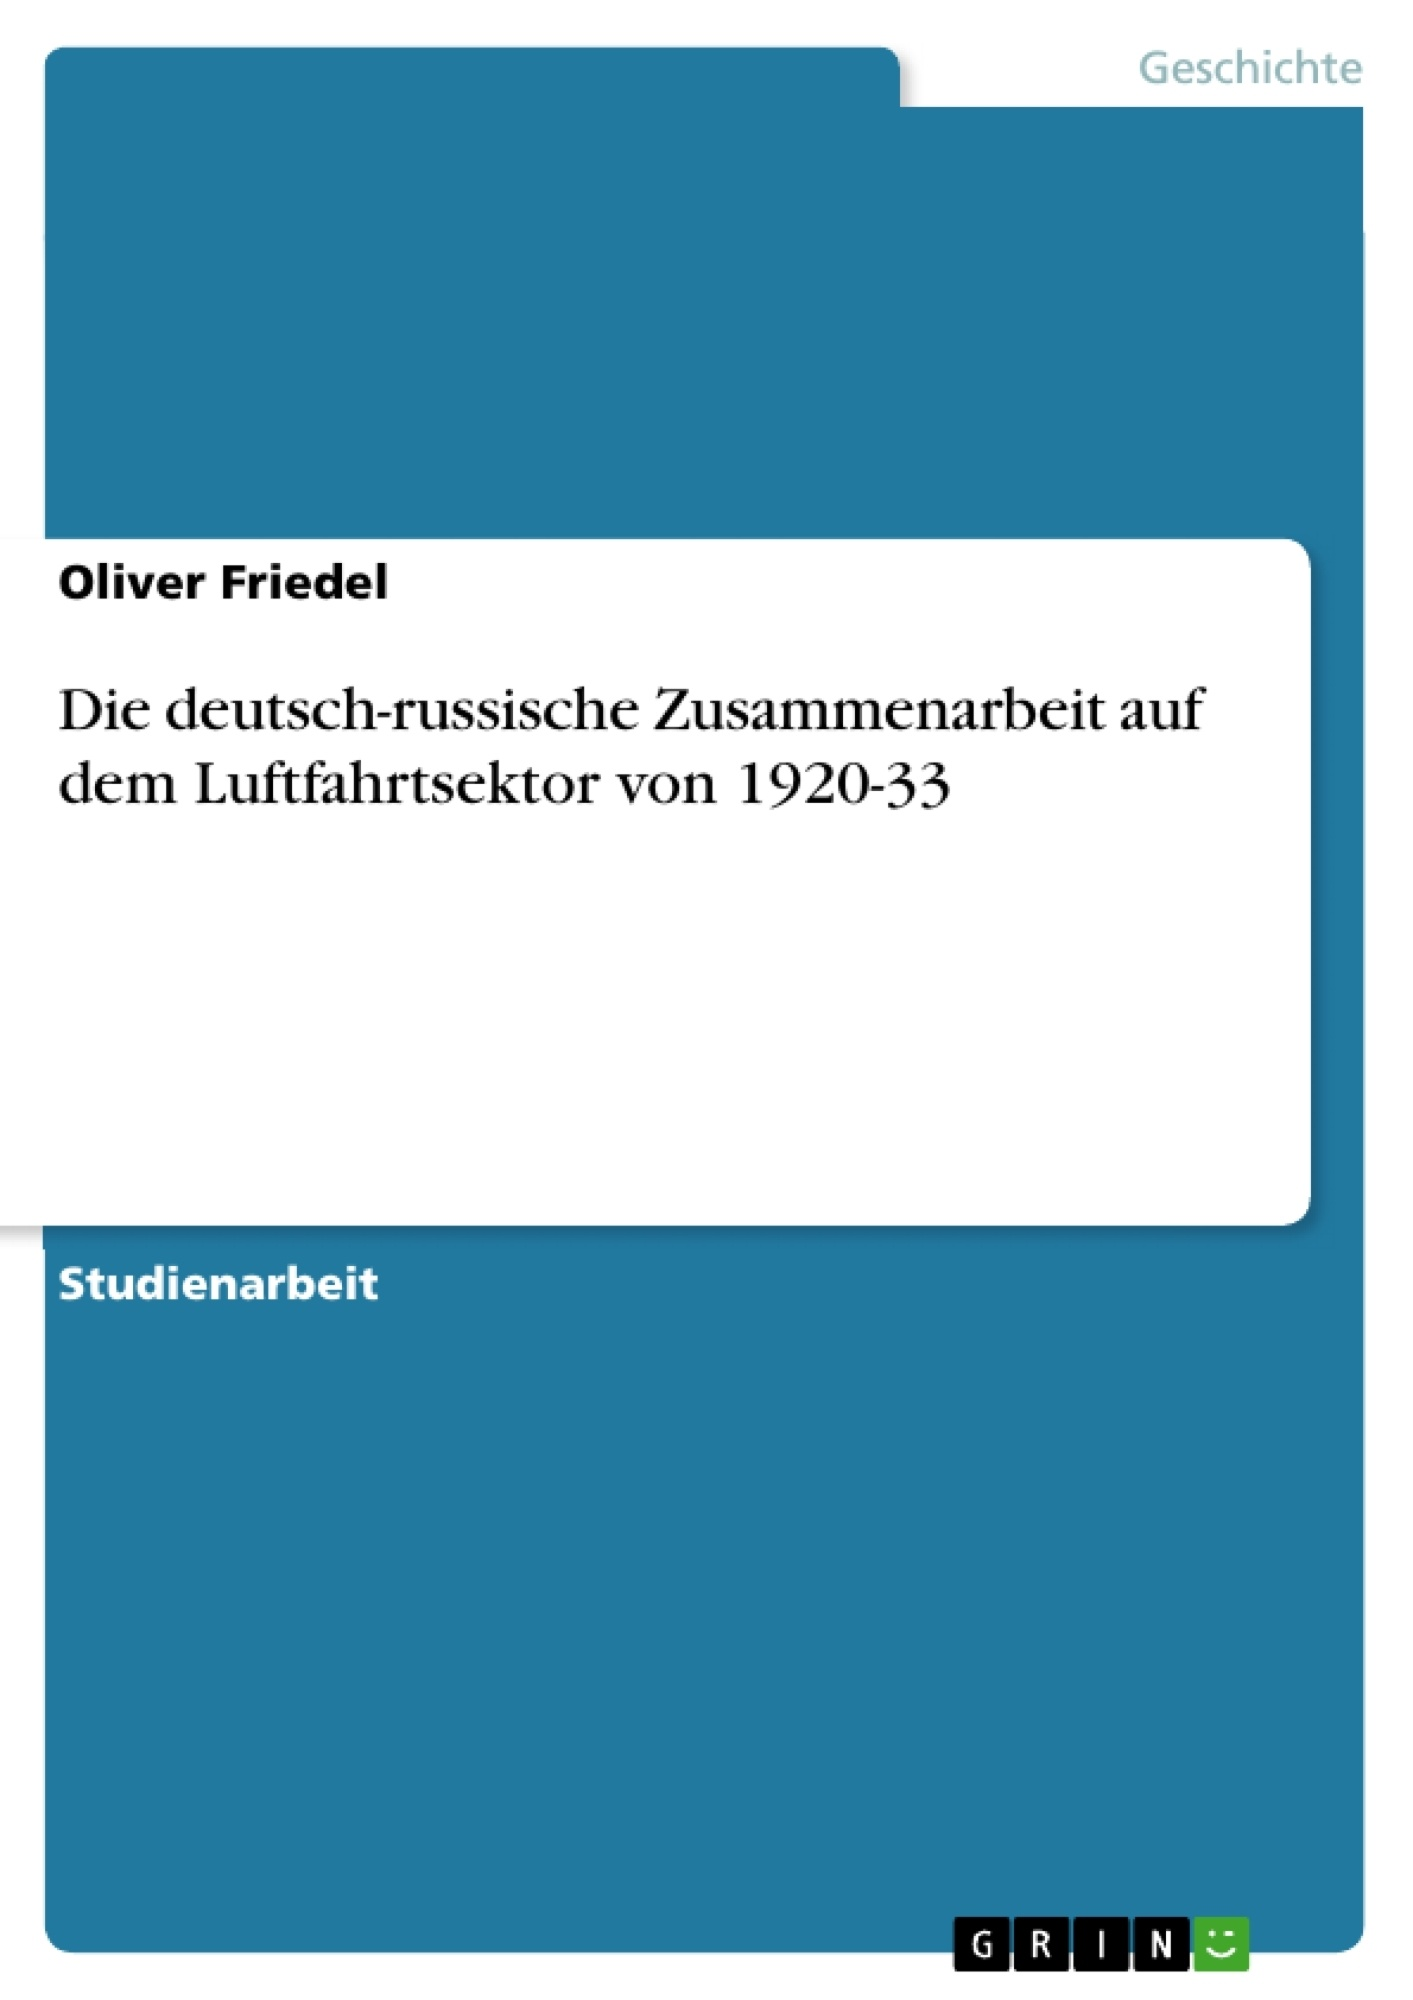 Titel: Die deutsch-russische Zusammenarbeit auf dem Luftfahrtsektor von 1920-33